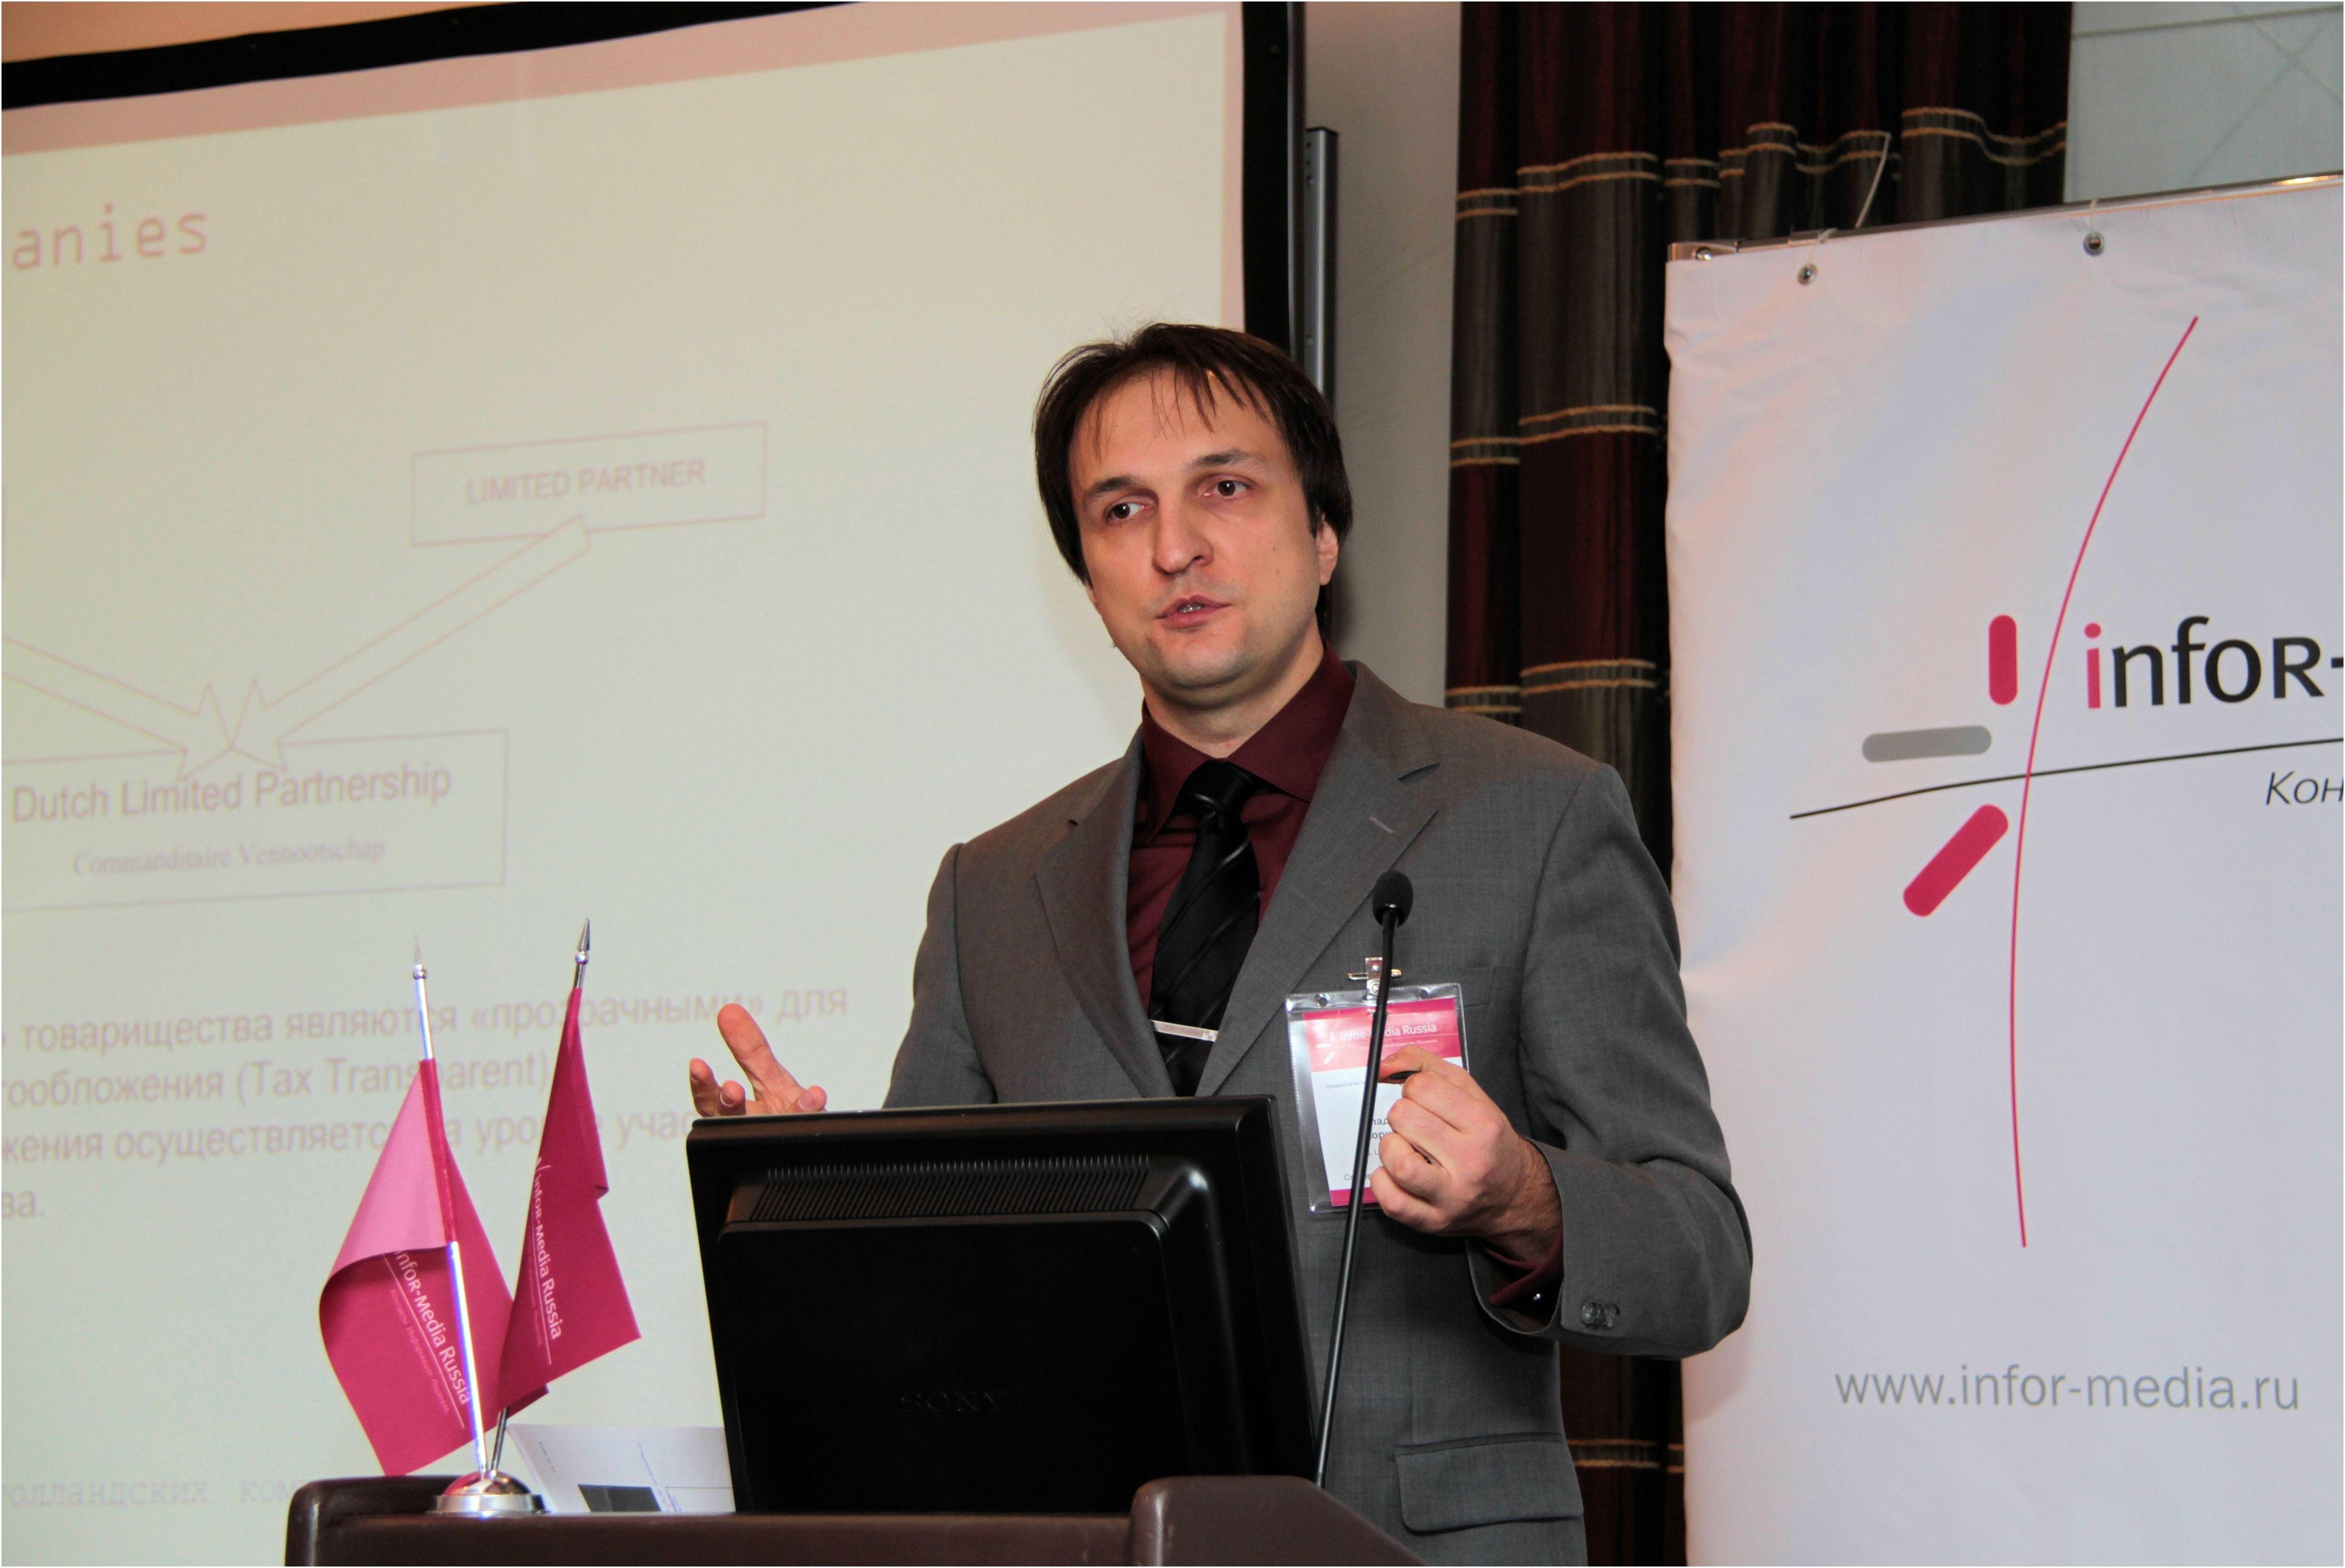 GSL Law & Consulting, Владимир Корнилов на конференции Infor-media, 2012